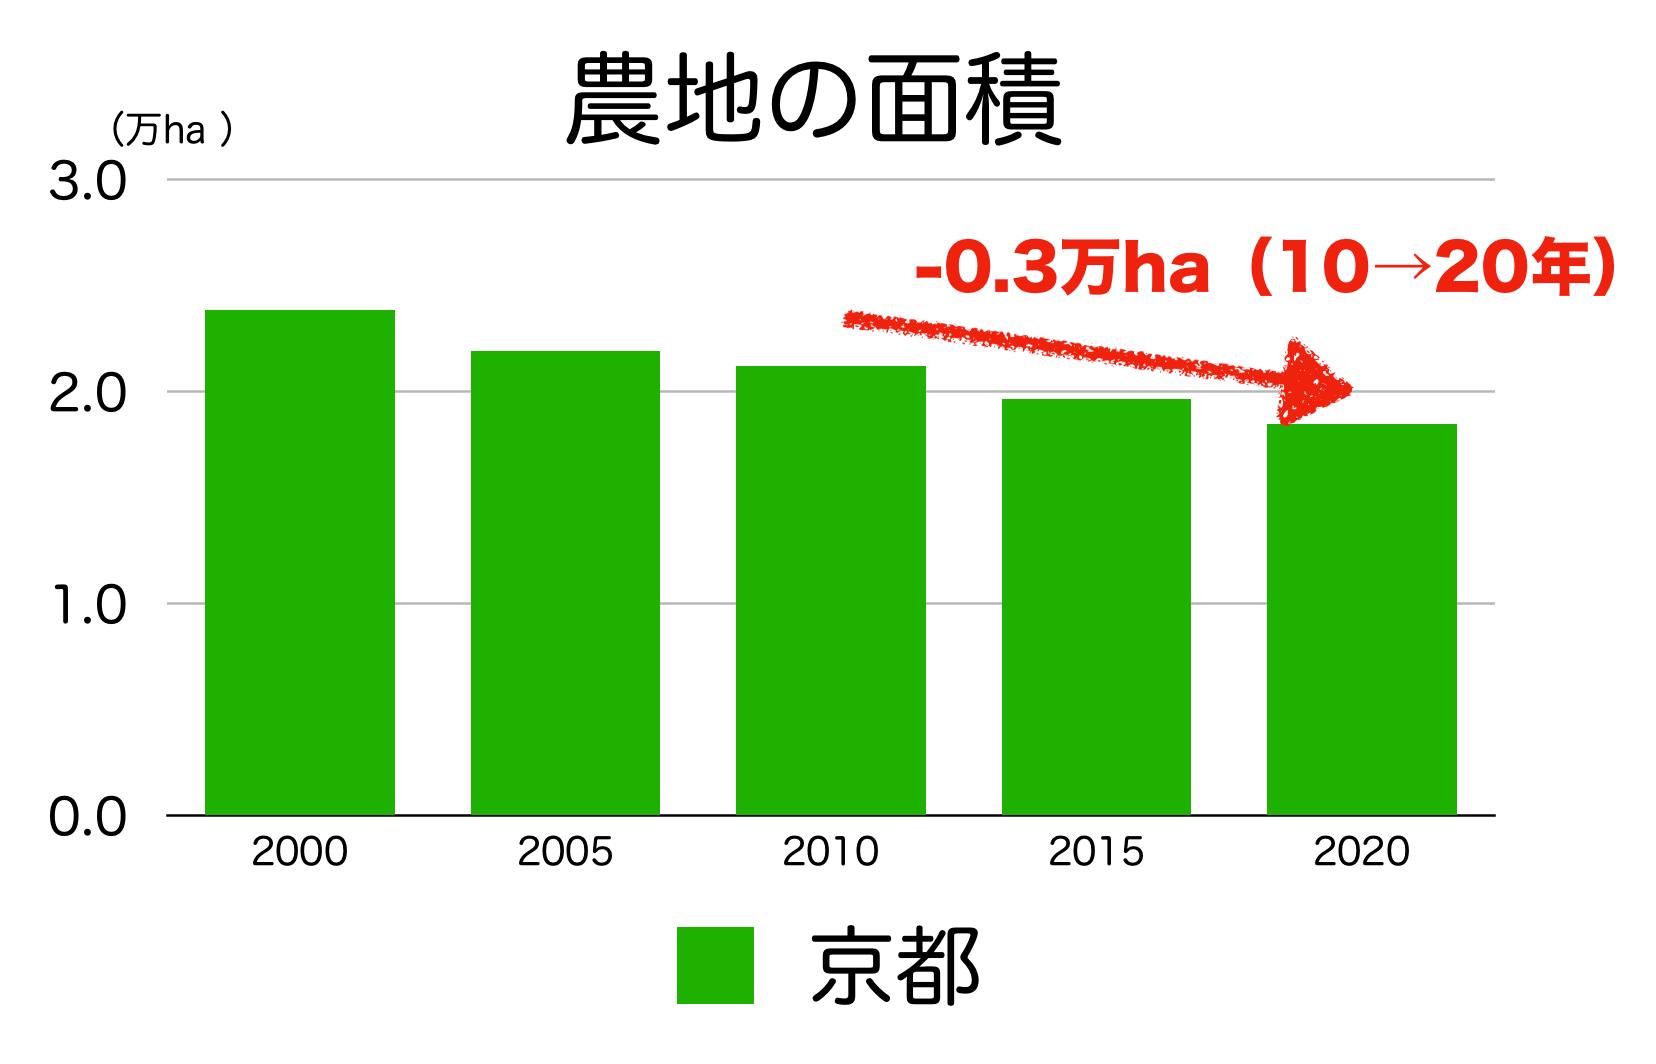 京都府の農地面積の推移